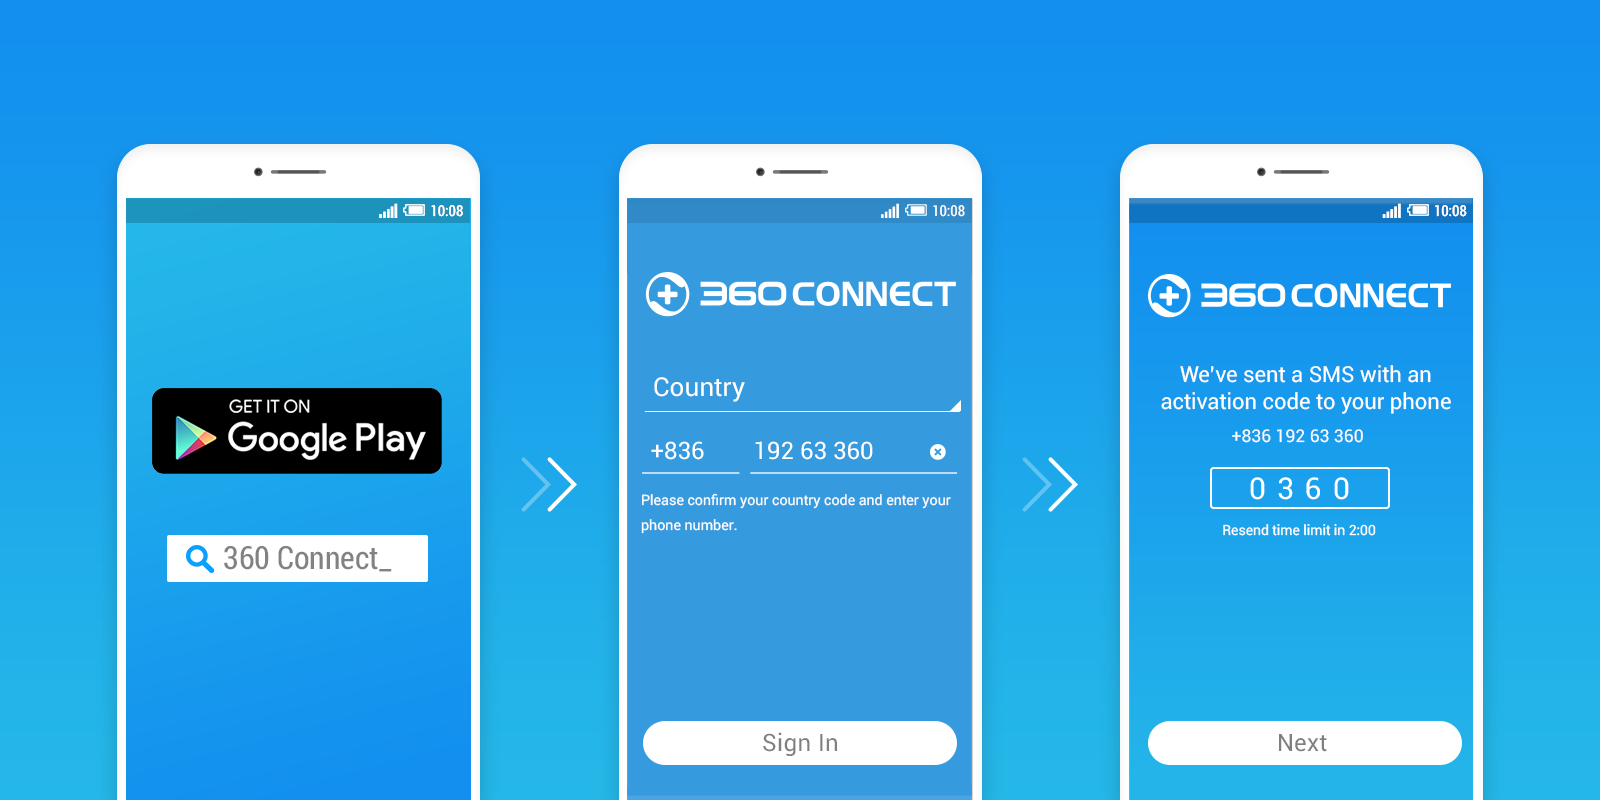 Register.360Conect